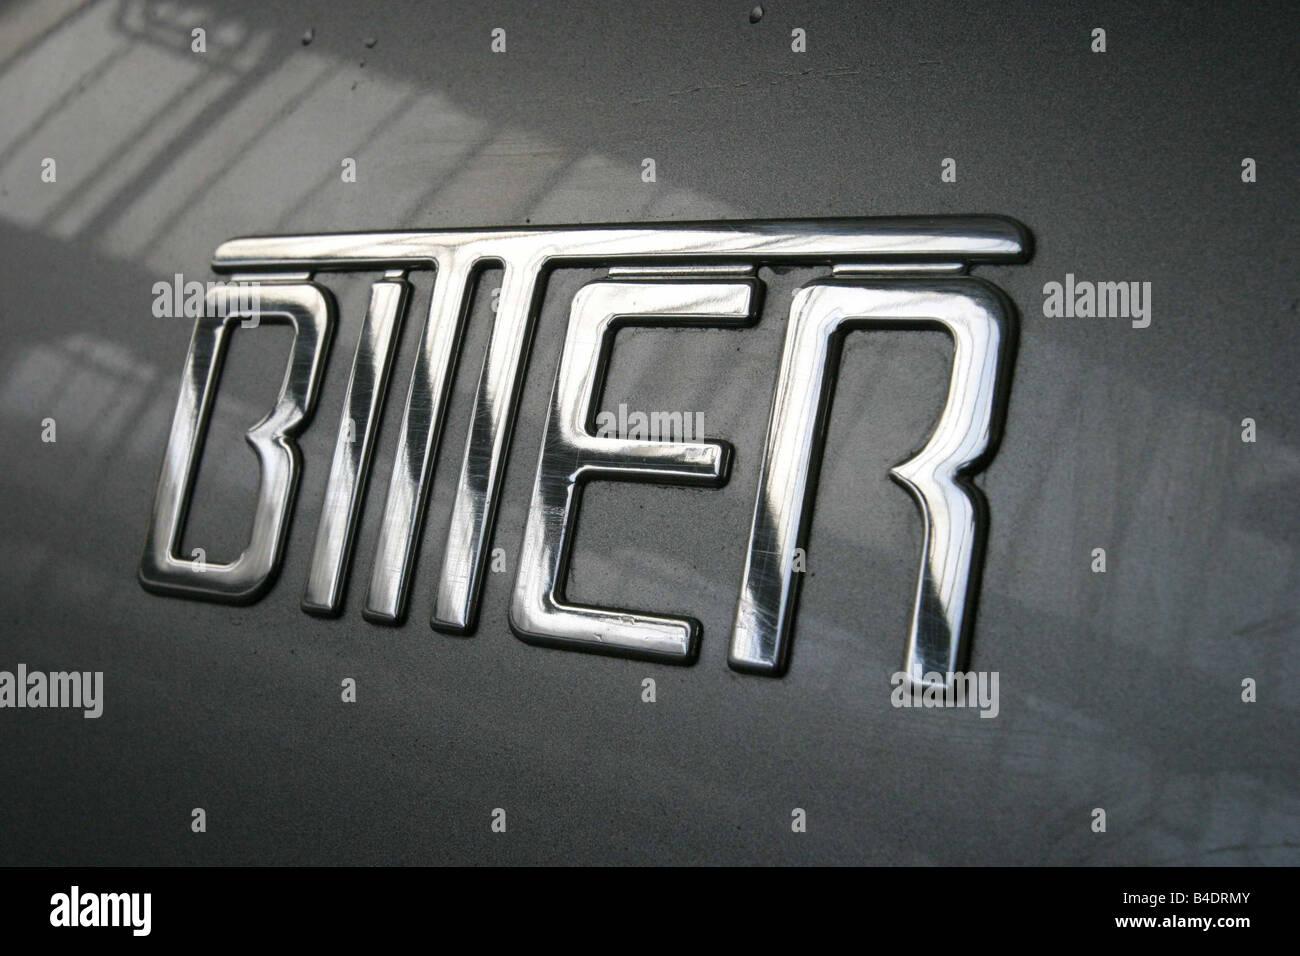 Auto, V8 Coupé-Konzept von Erich Bitter, Silber, Roadster, Baujahr 2003, 340 PS, 5,665 Cms, ? 112,520,--, Detailansicht, Stockbild